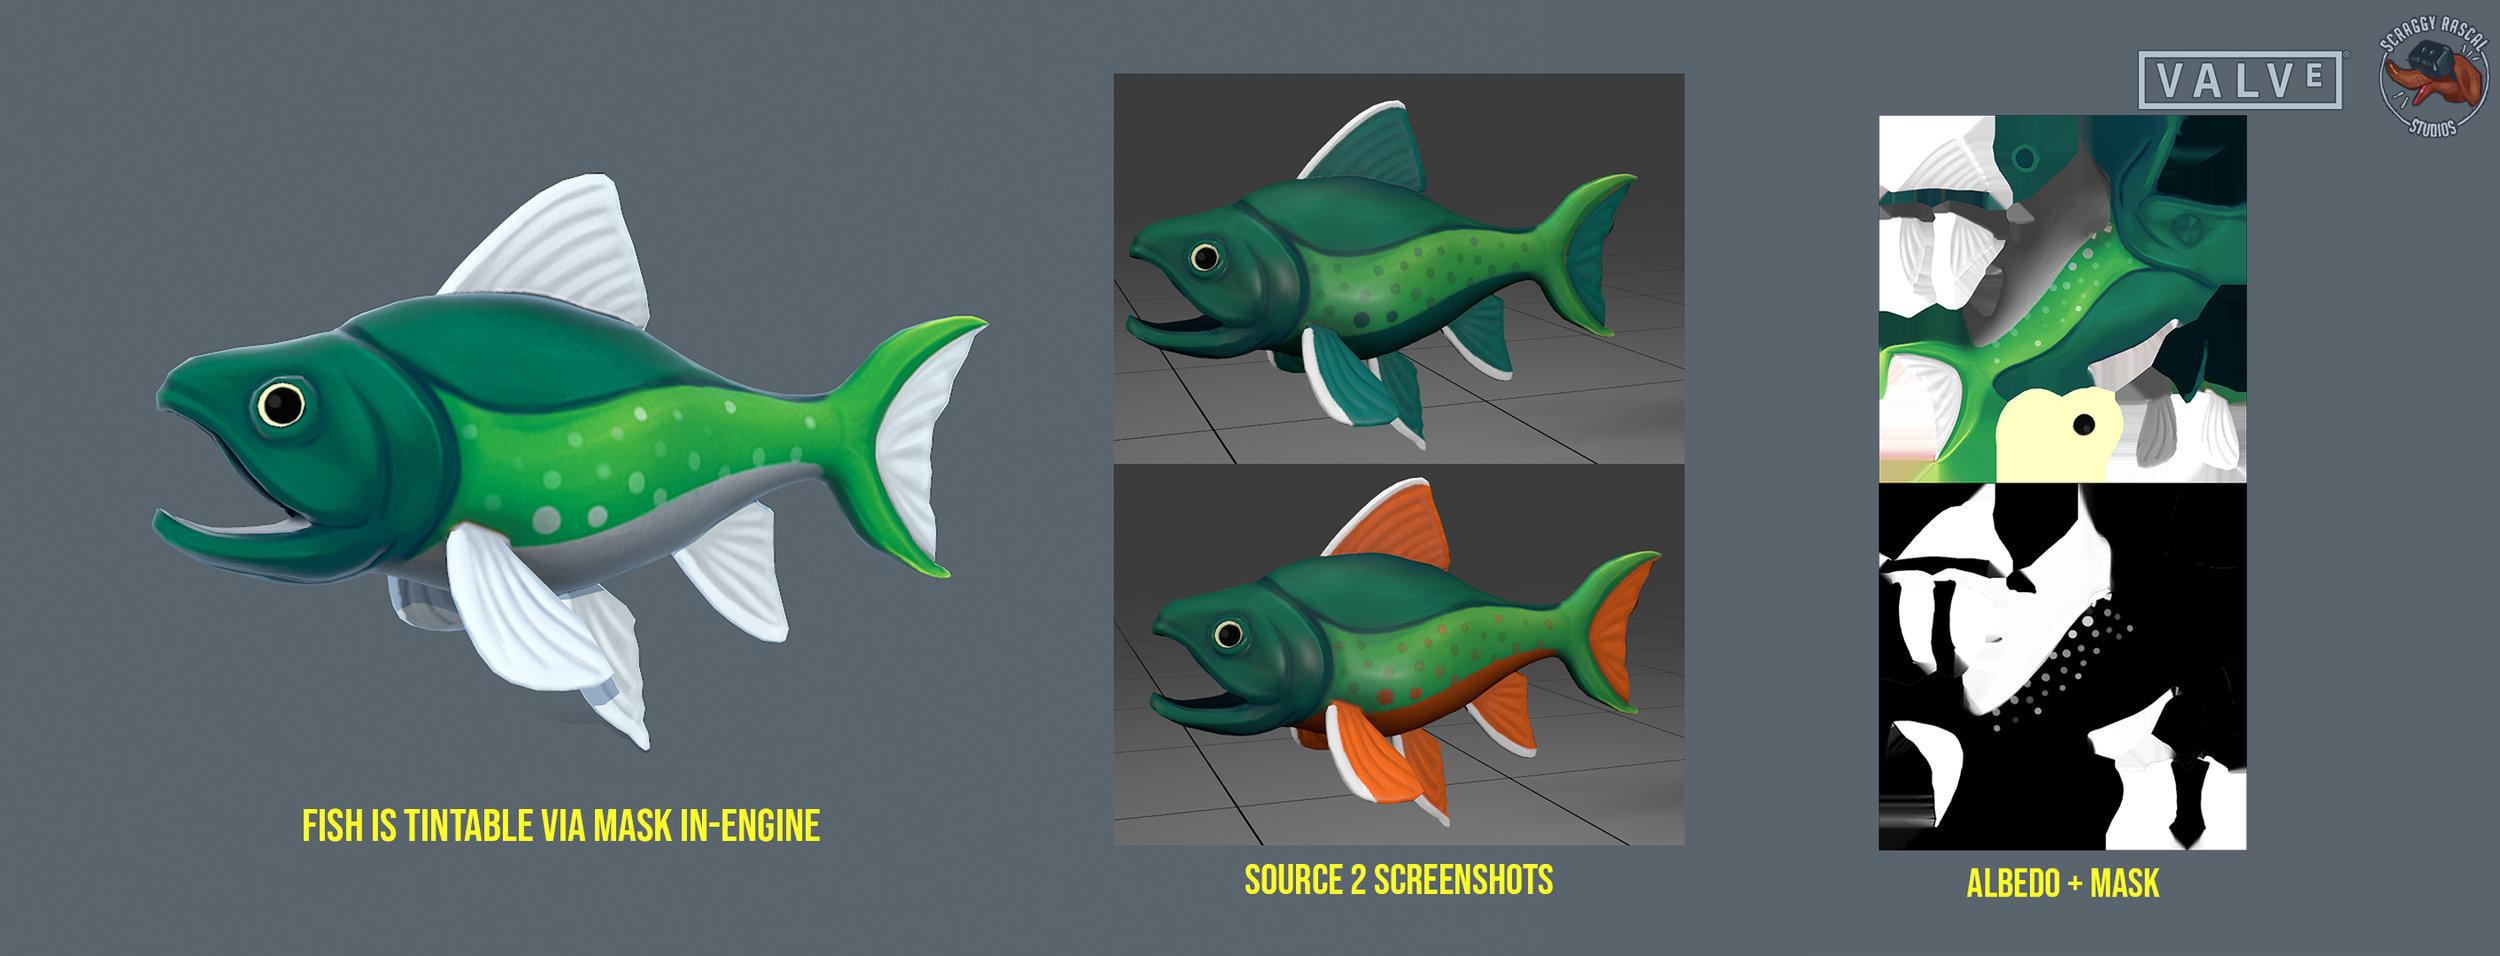 fish_snapshot.jpg